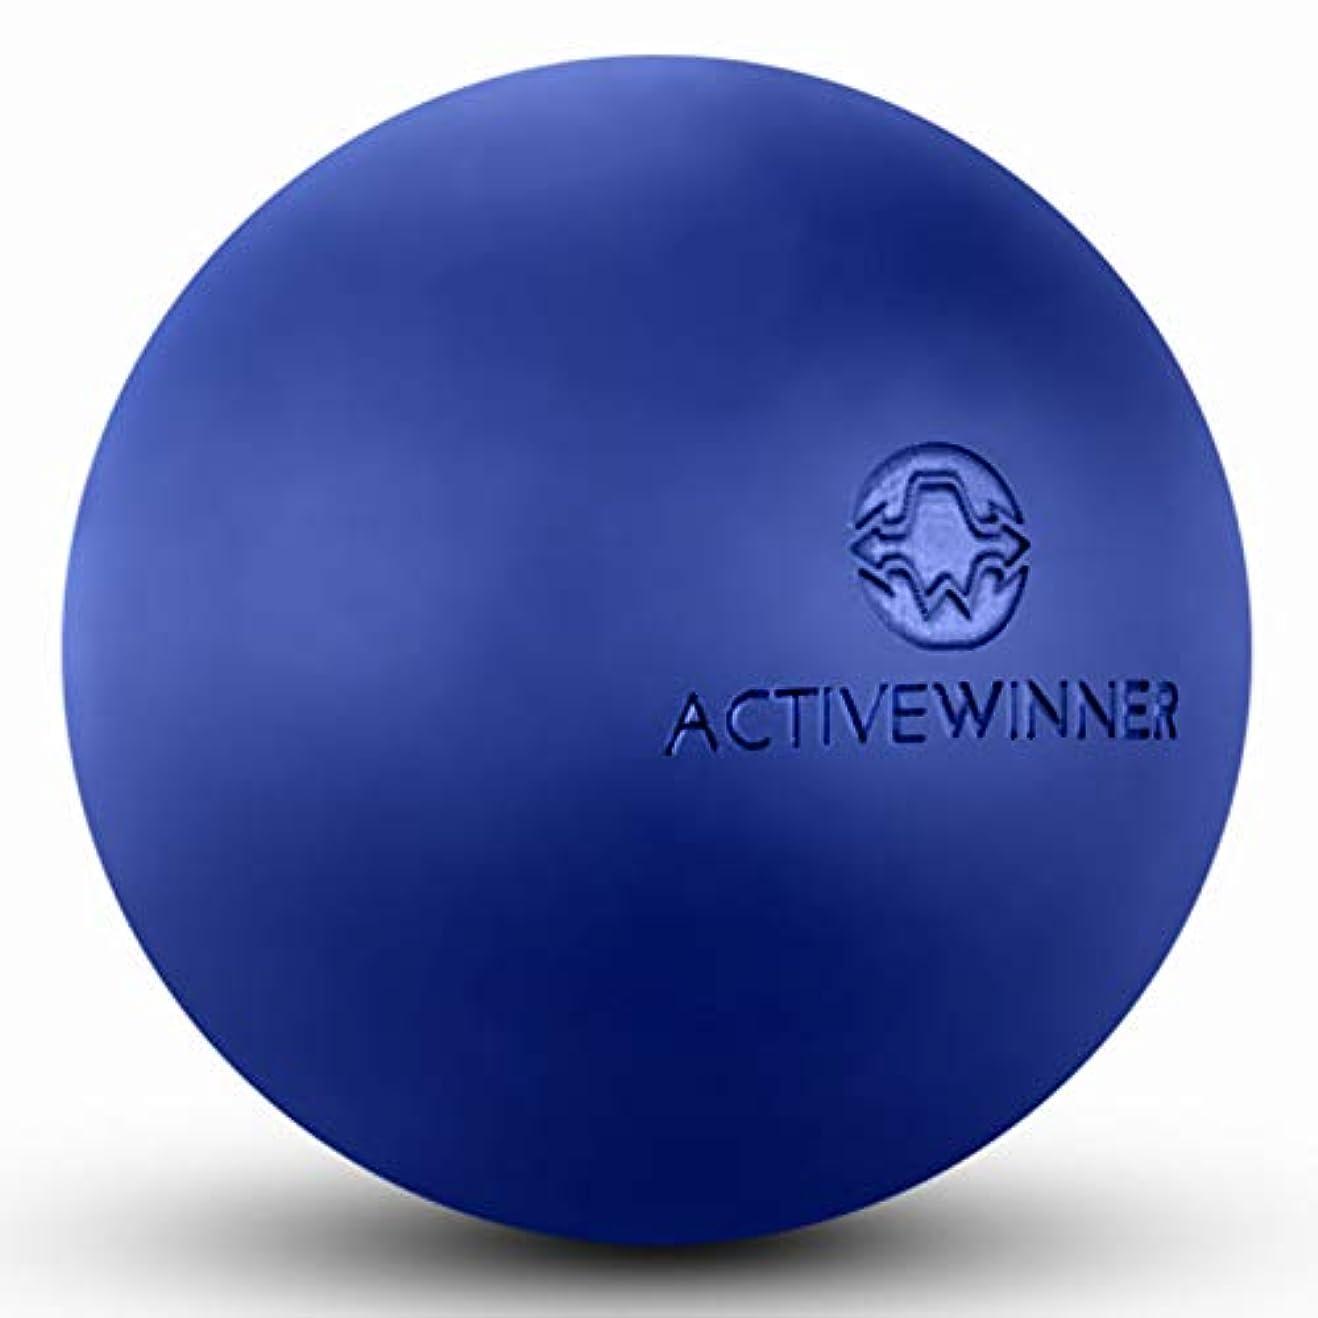 チャーミング高揚した構成員Active Winner マッサージボール トリガーポイント (ネイビー) ストレッチボール 筋膜リリース トレーニング 背中 肩こり 腰 ふくらはぎ 足 ツボ押し